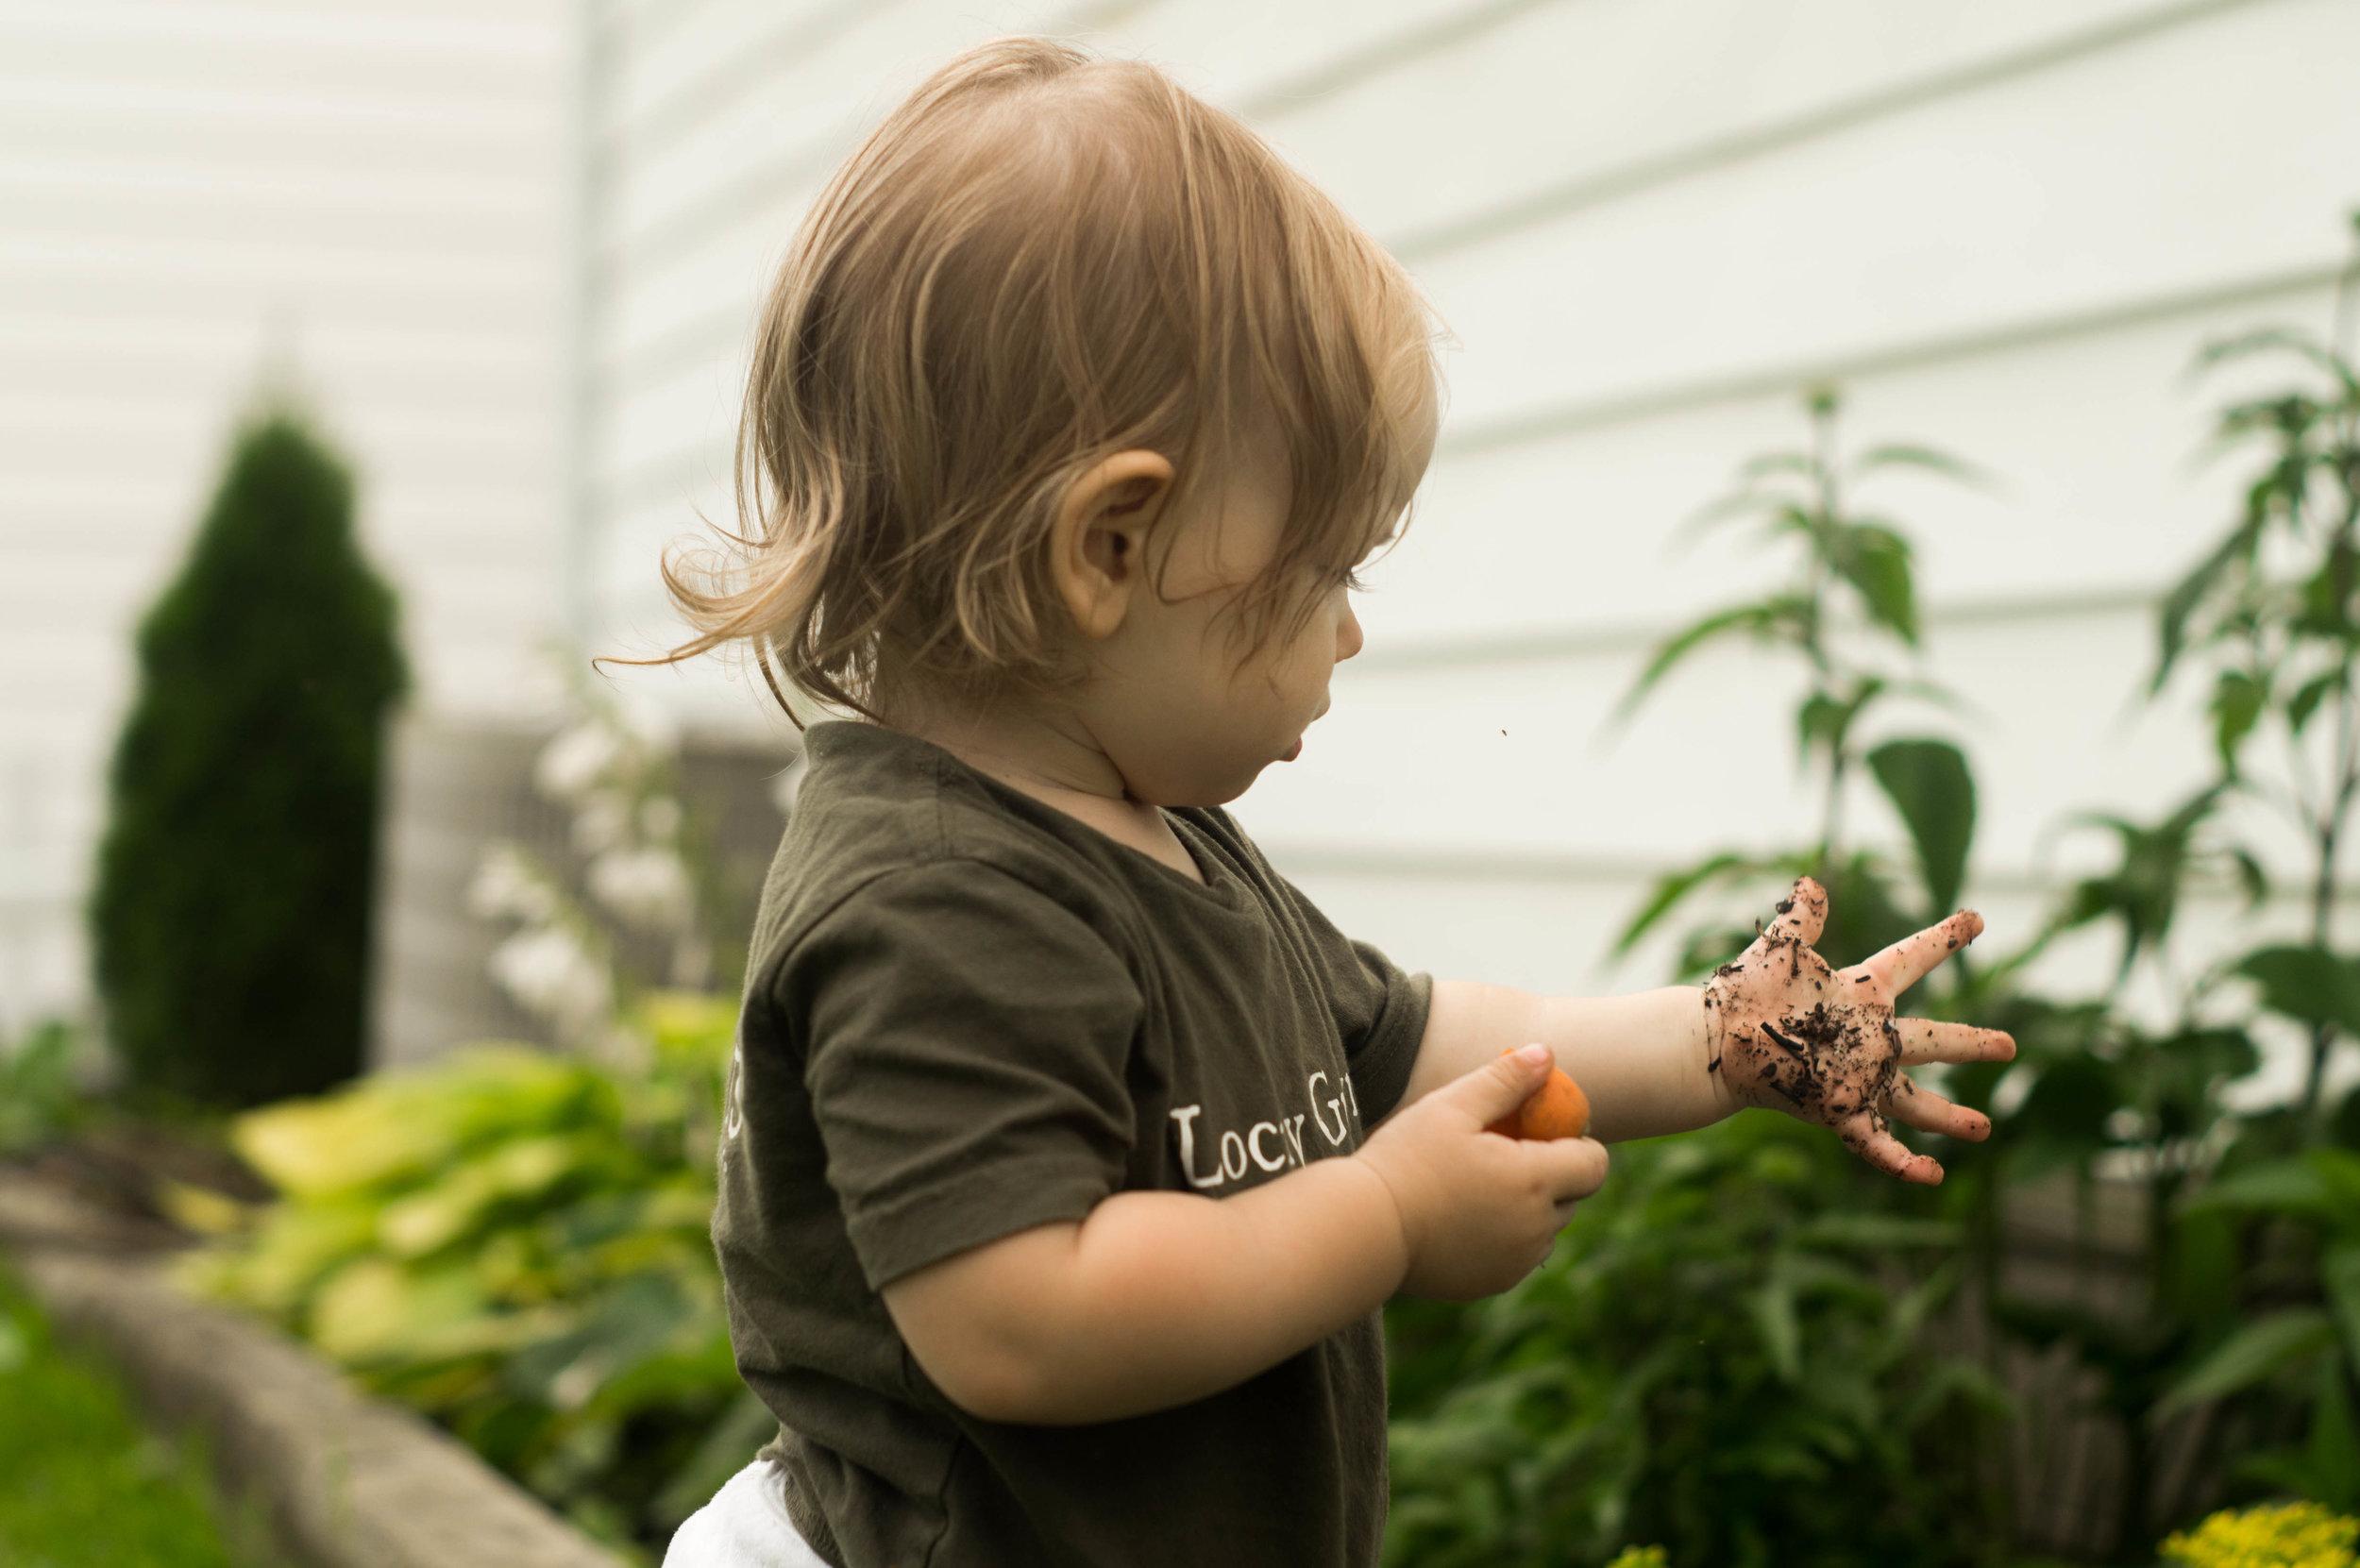 daughter in a garden by samantha spigos